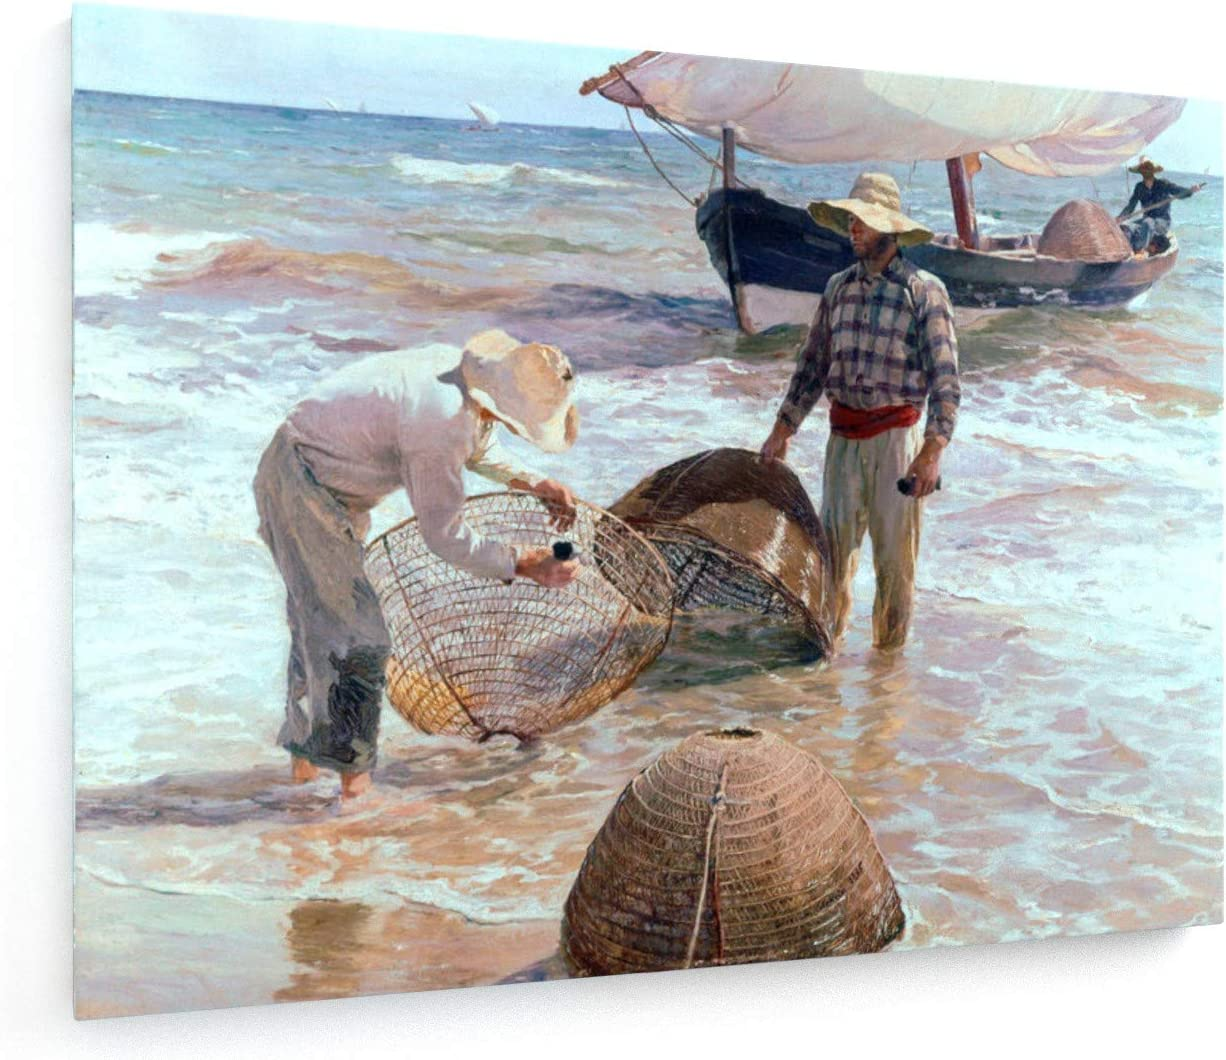 Joaquín Sorolla - Los Pescadores valencianos - 40x30 cm - Impresion en Lienzo - Muro de Arte - Canvas, Cuadro, Poster - Old Masters/Museum